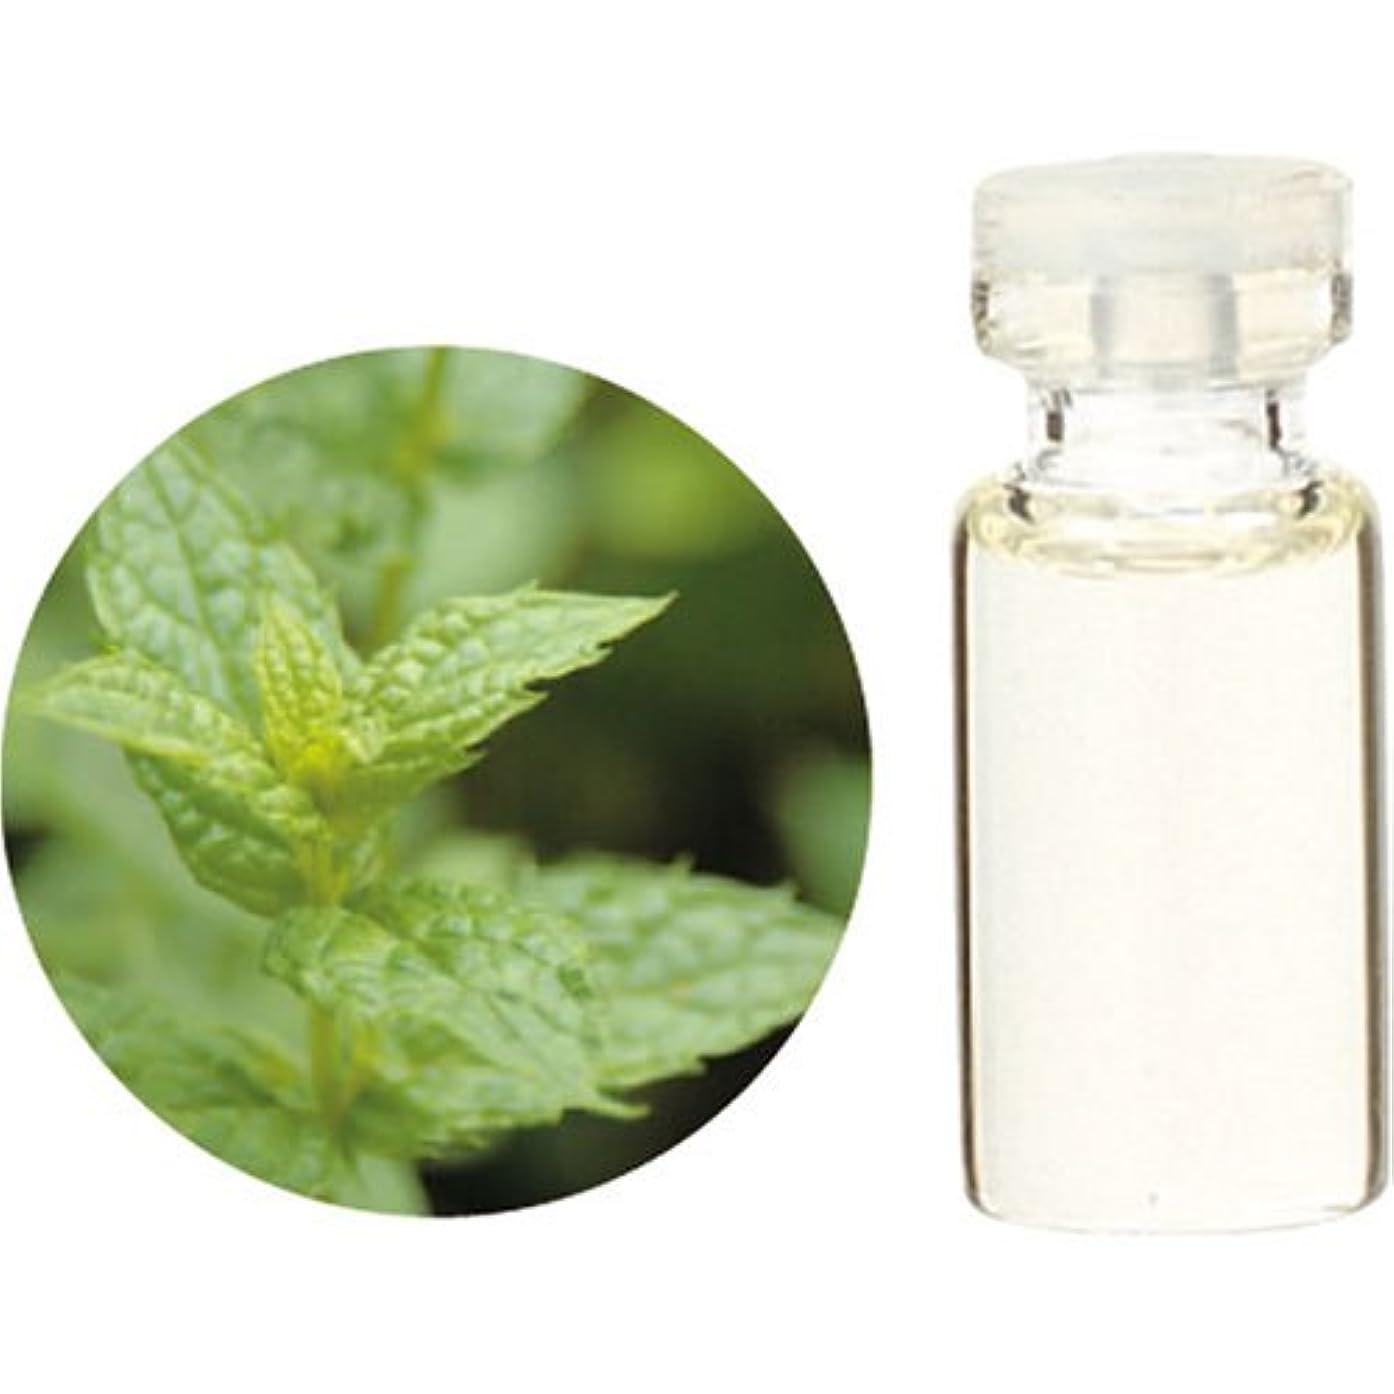 球状虐待蒸発Herbal Life スペアミント 10ml